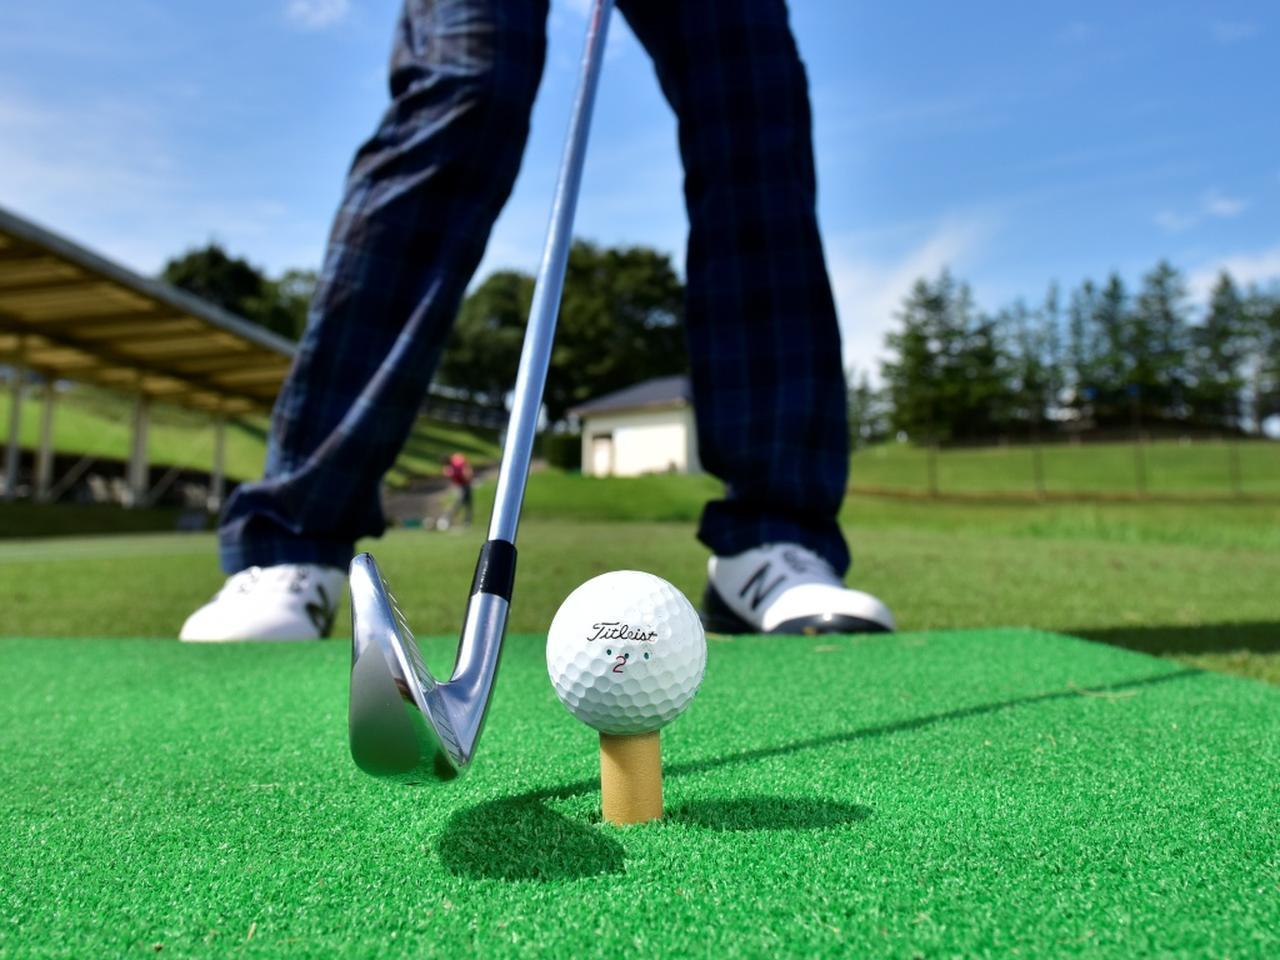 画像: 高くティアップして低い球を打つのがポイント